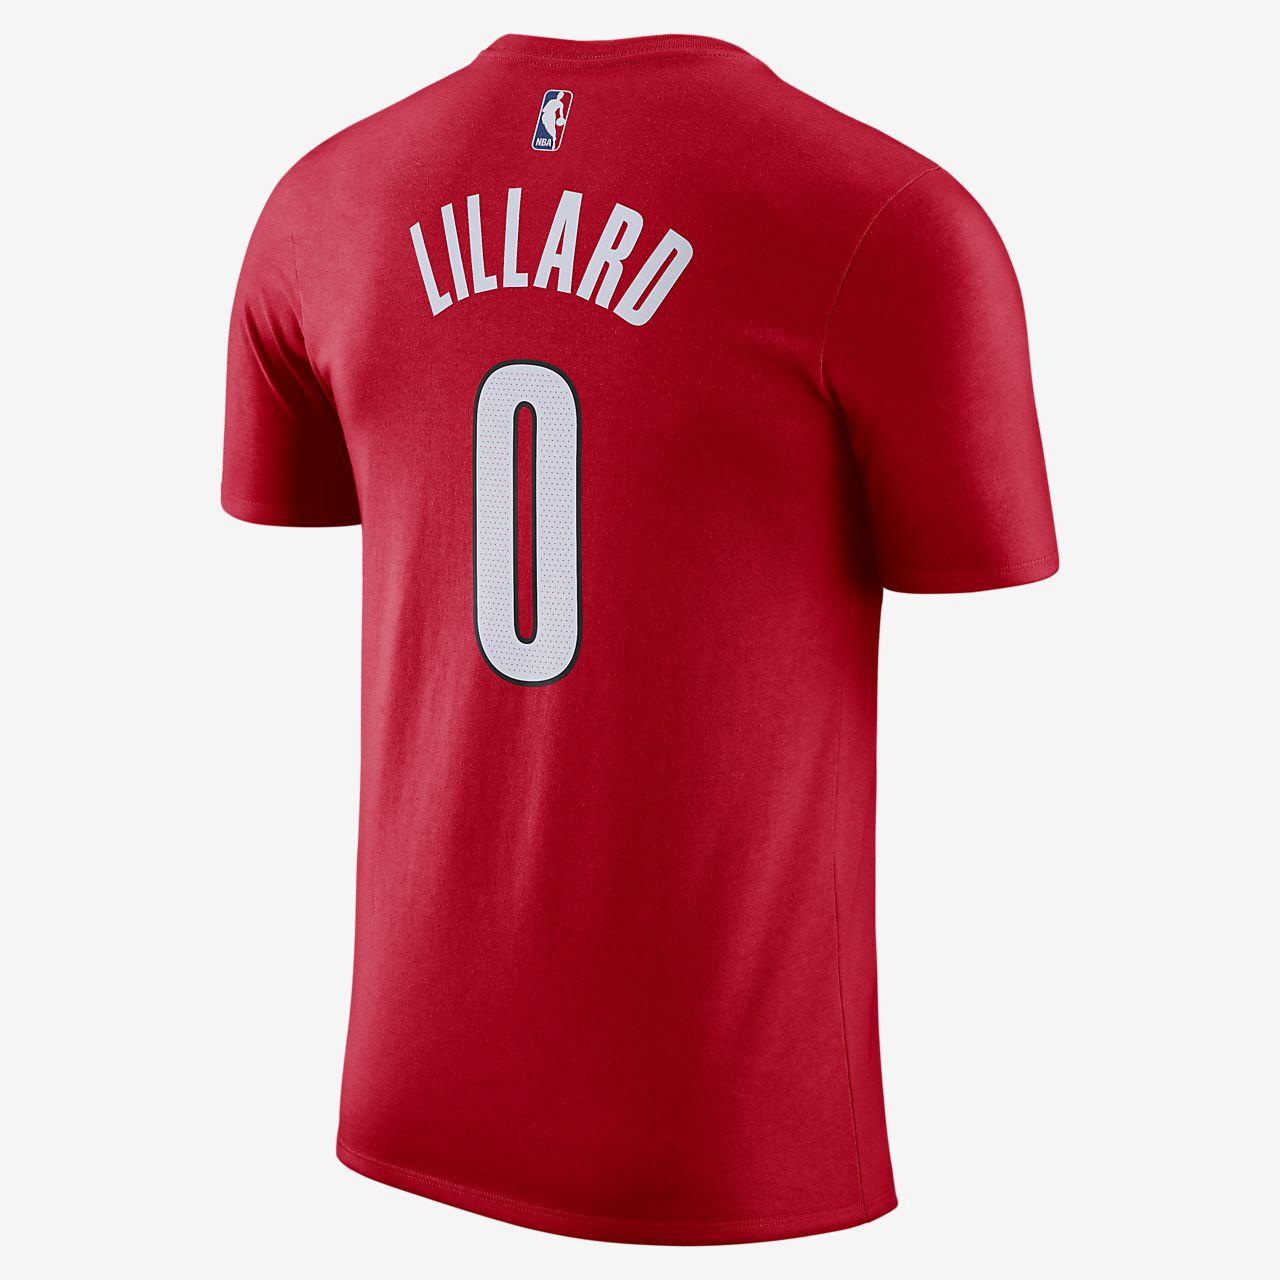 ... Damian Lillard Portland Trail Blazers City Edition Nike Dri-FIT Men s  NBA T-Shirt 3b32bcb39